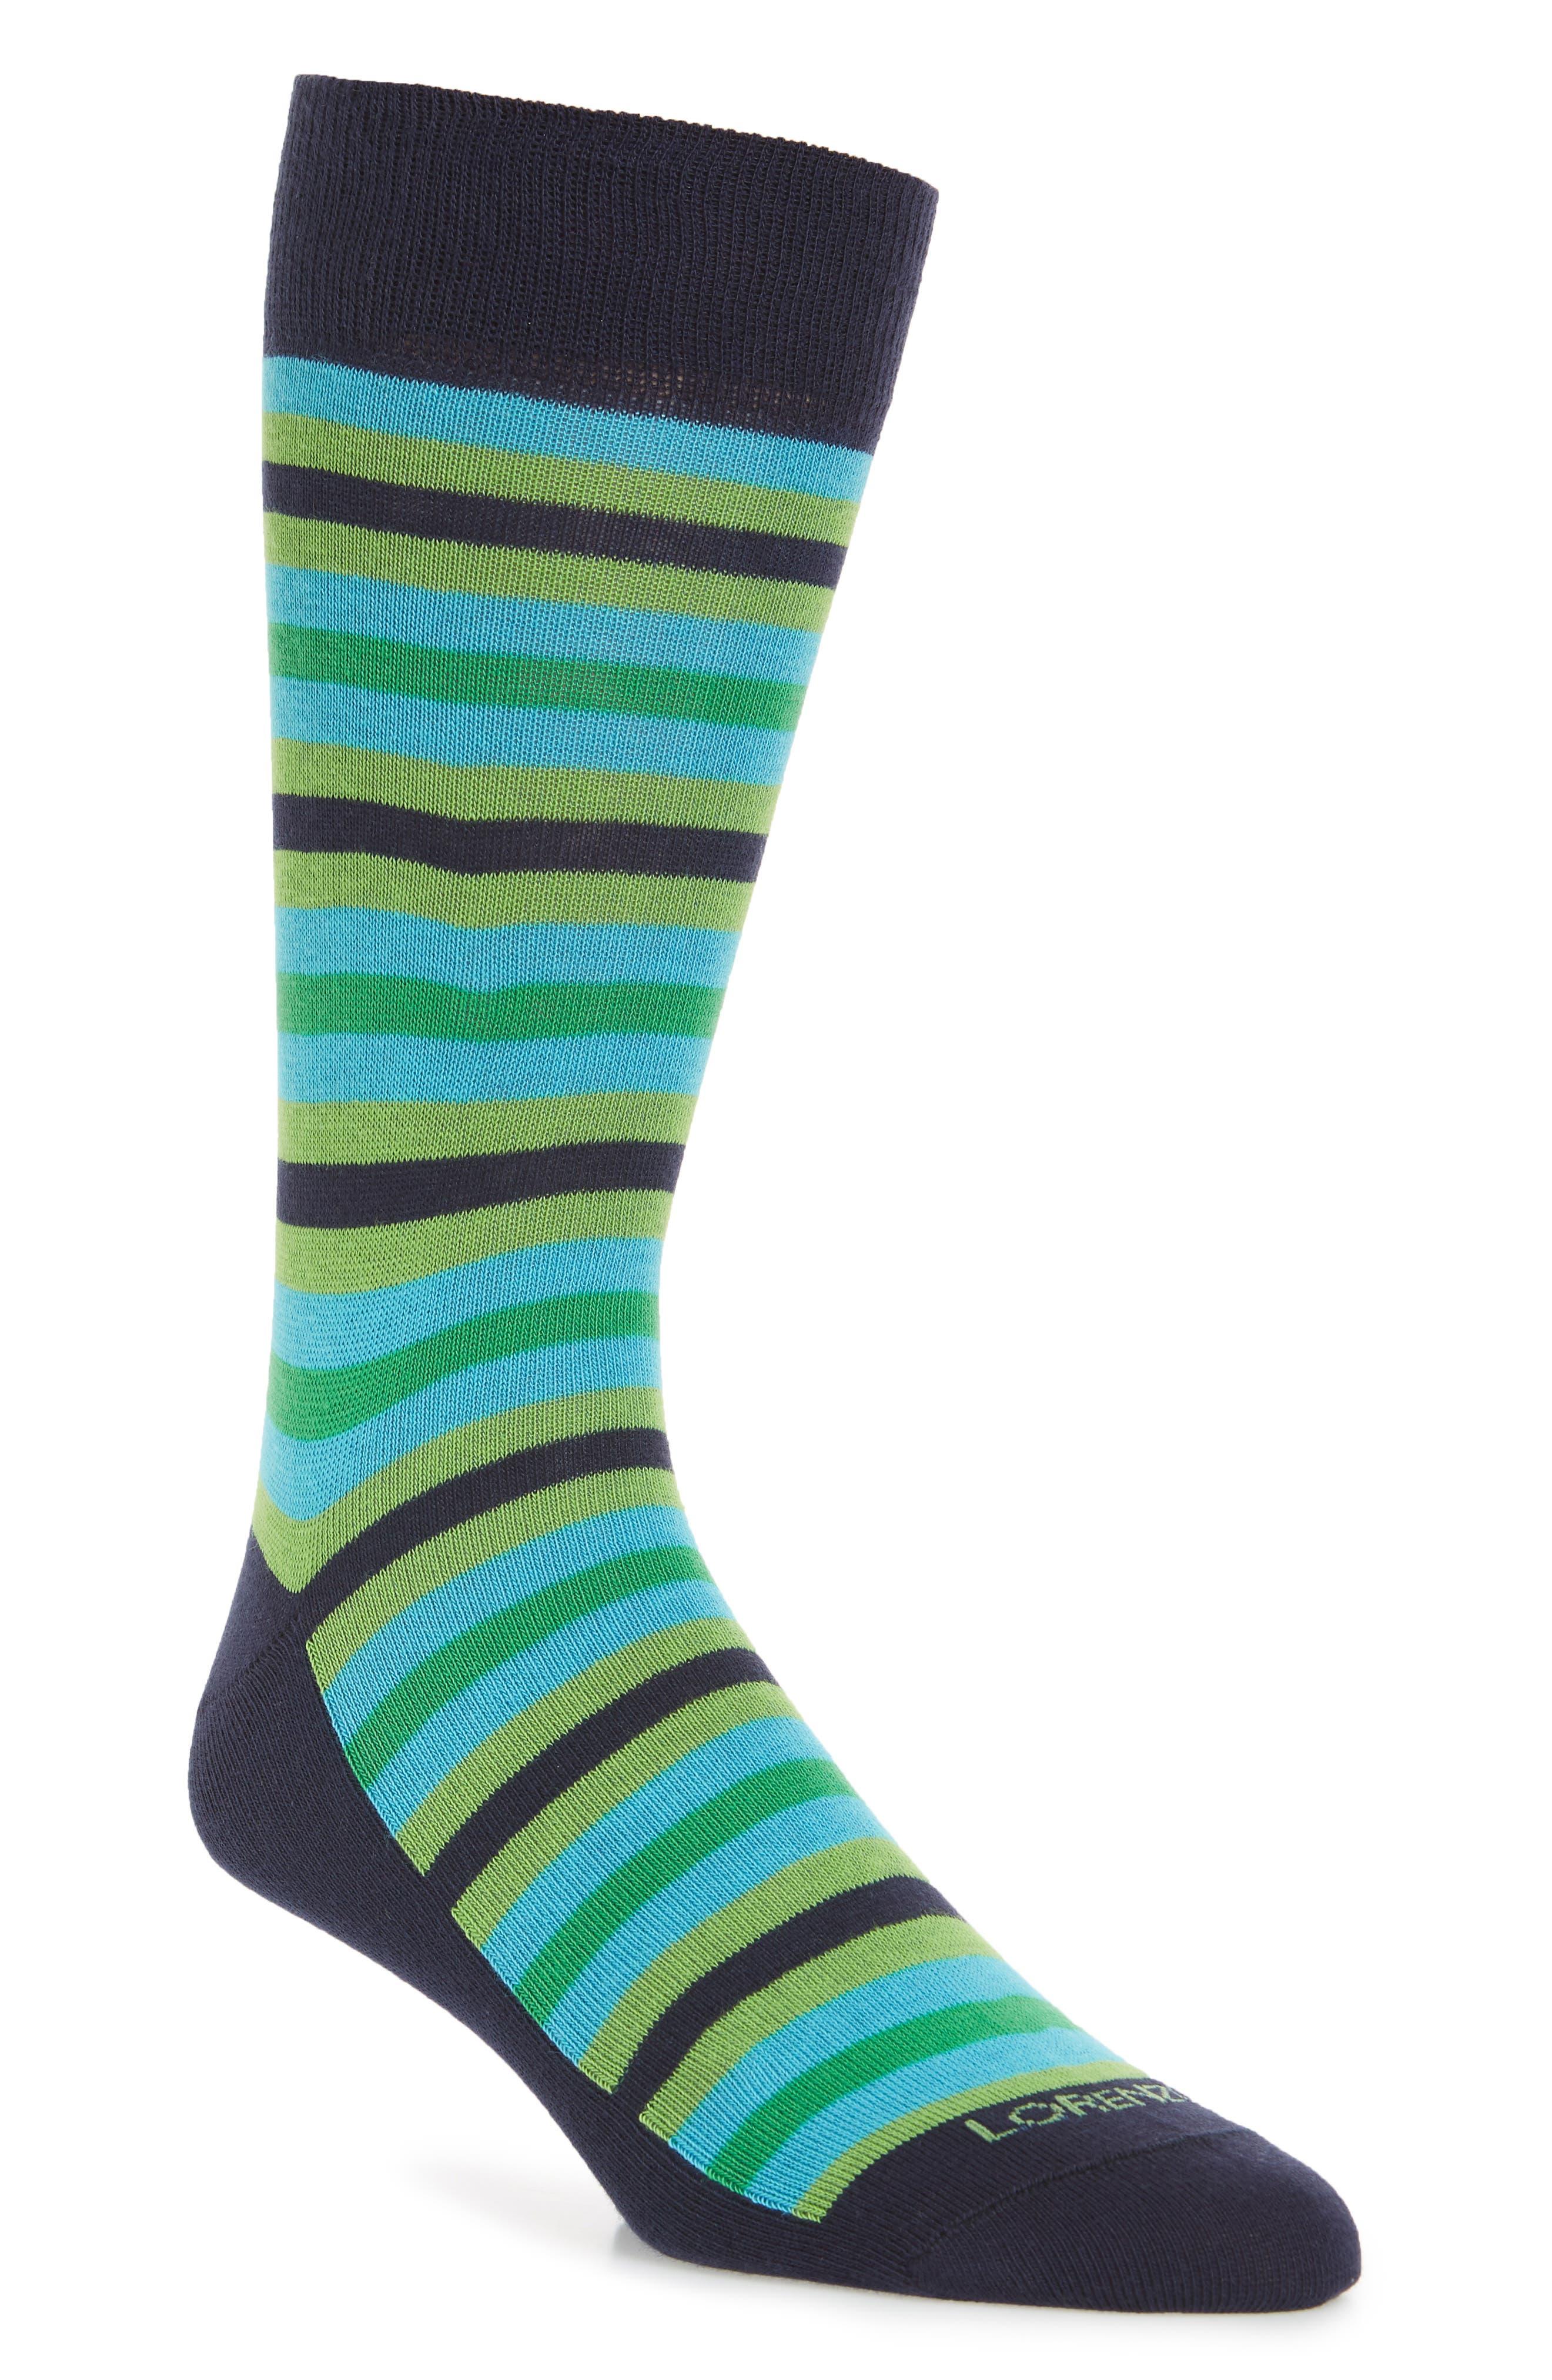 Organic Stripe Socks,                         Main,                         color, NAVY